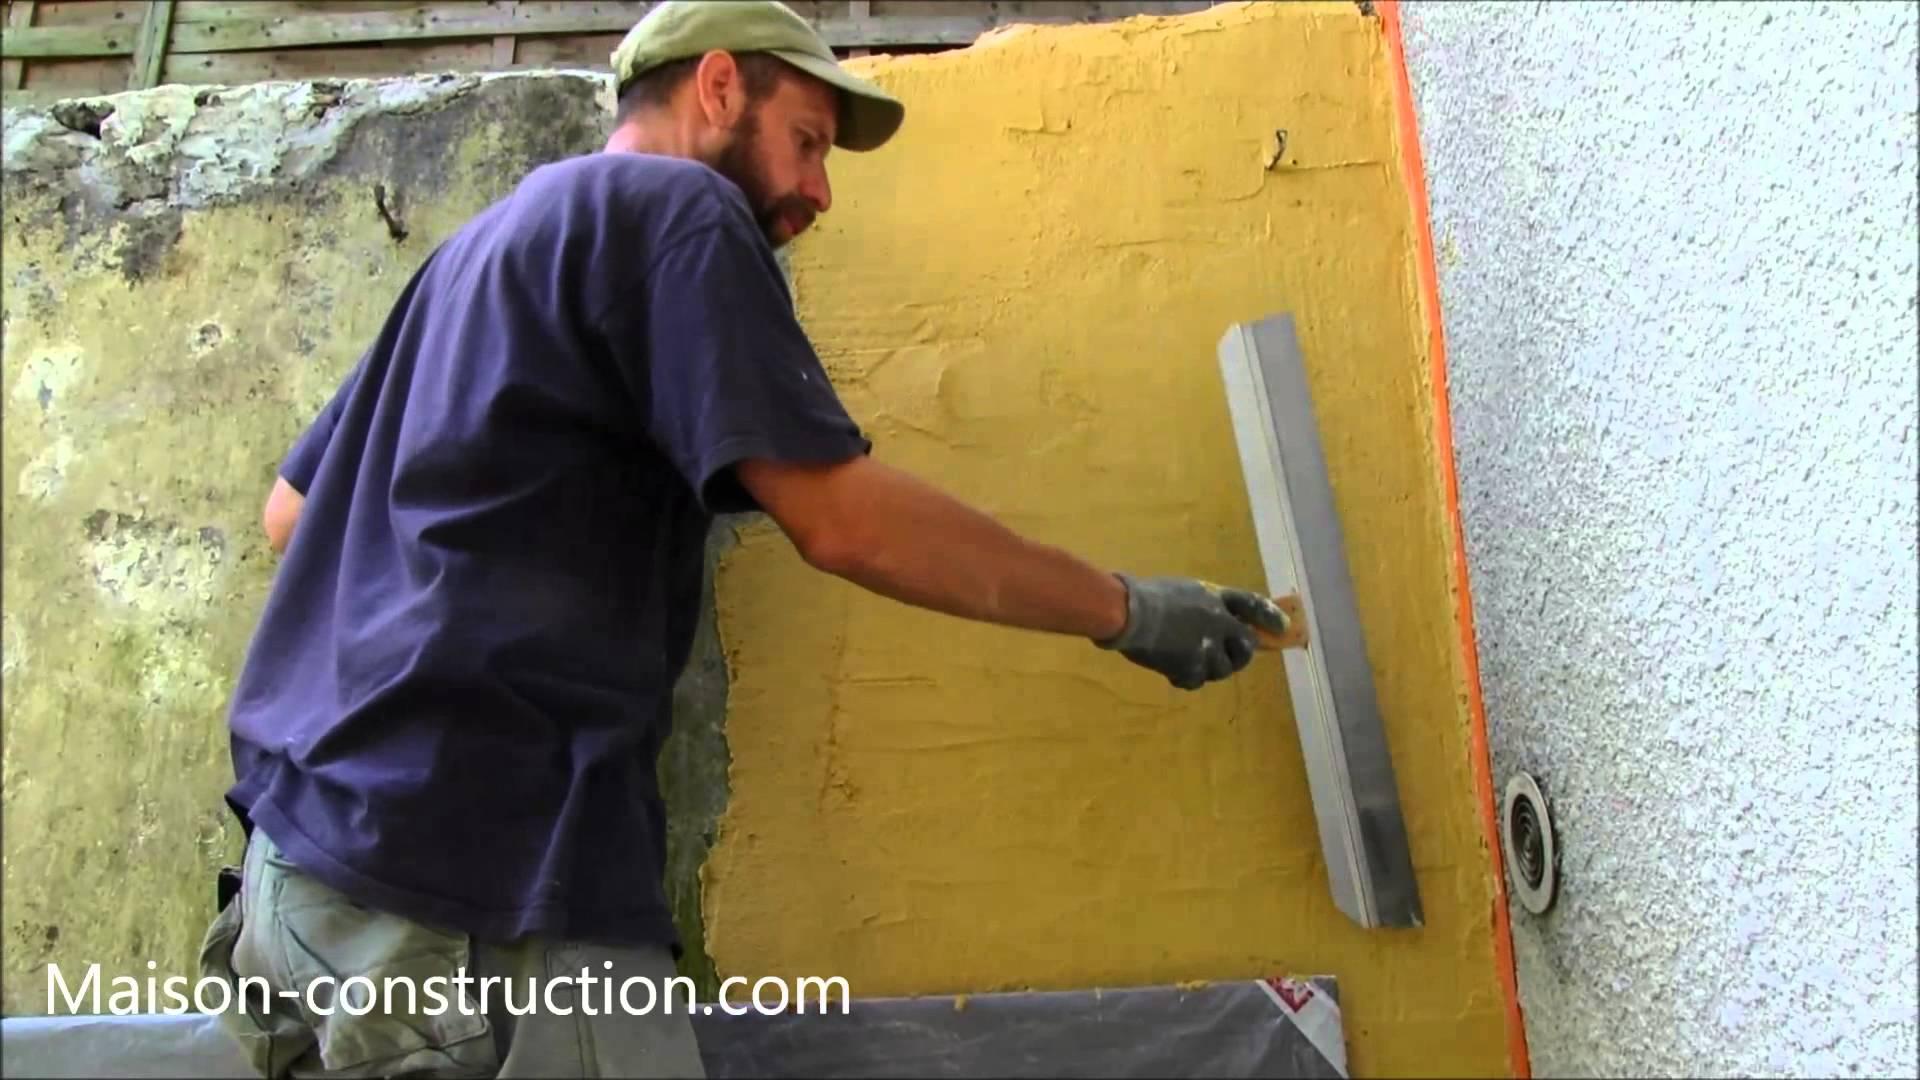 Comment enduire un mur exterieur - Comment peindre un mur exterieur ...